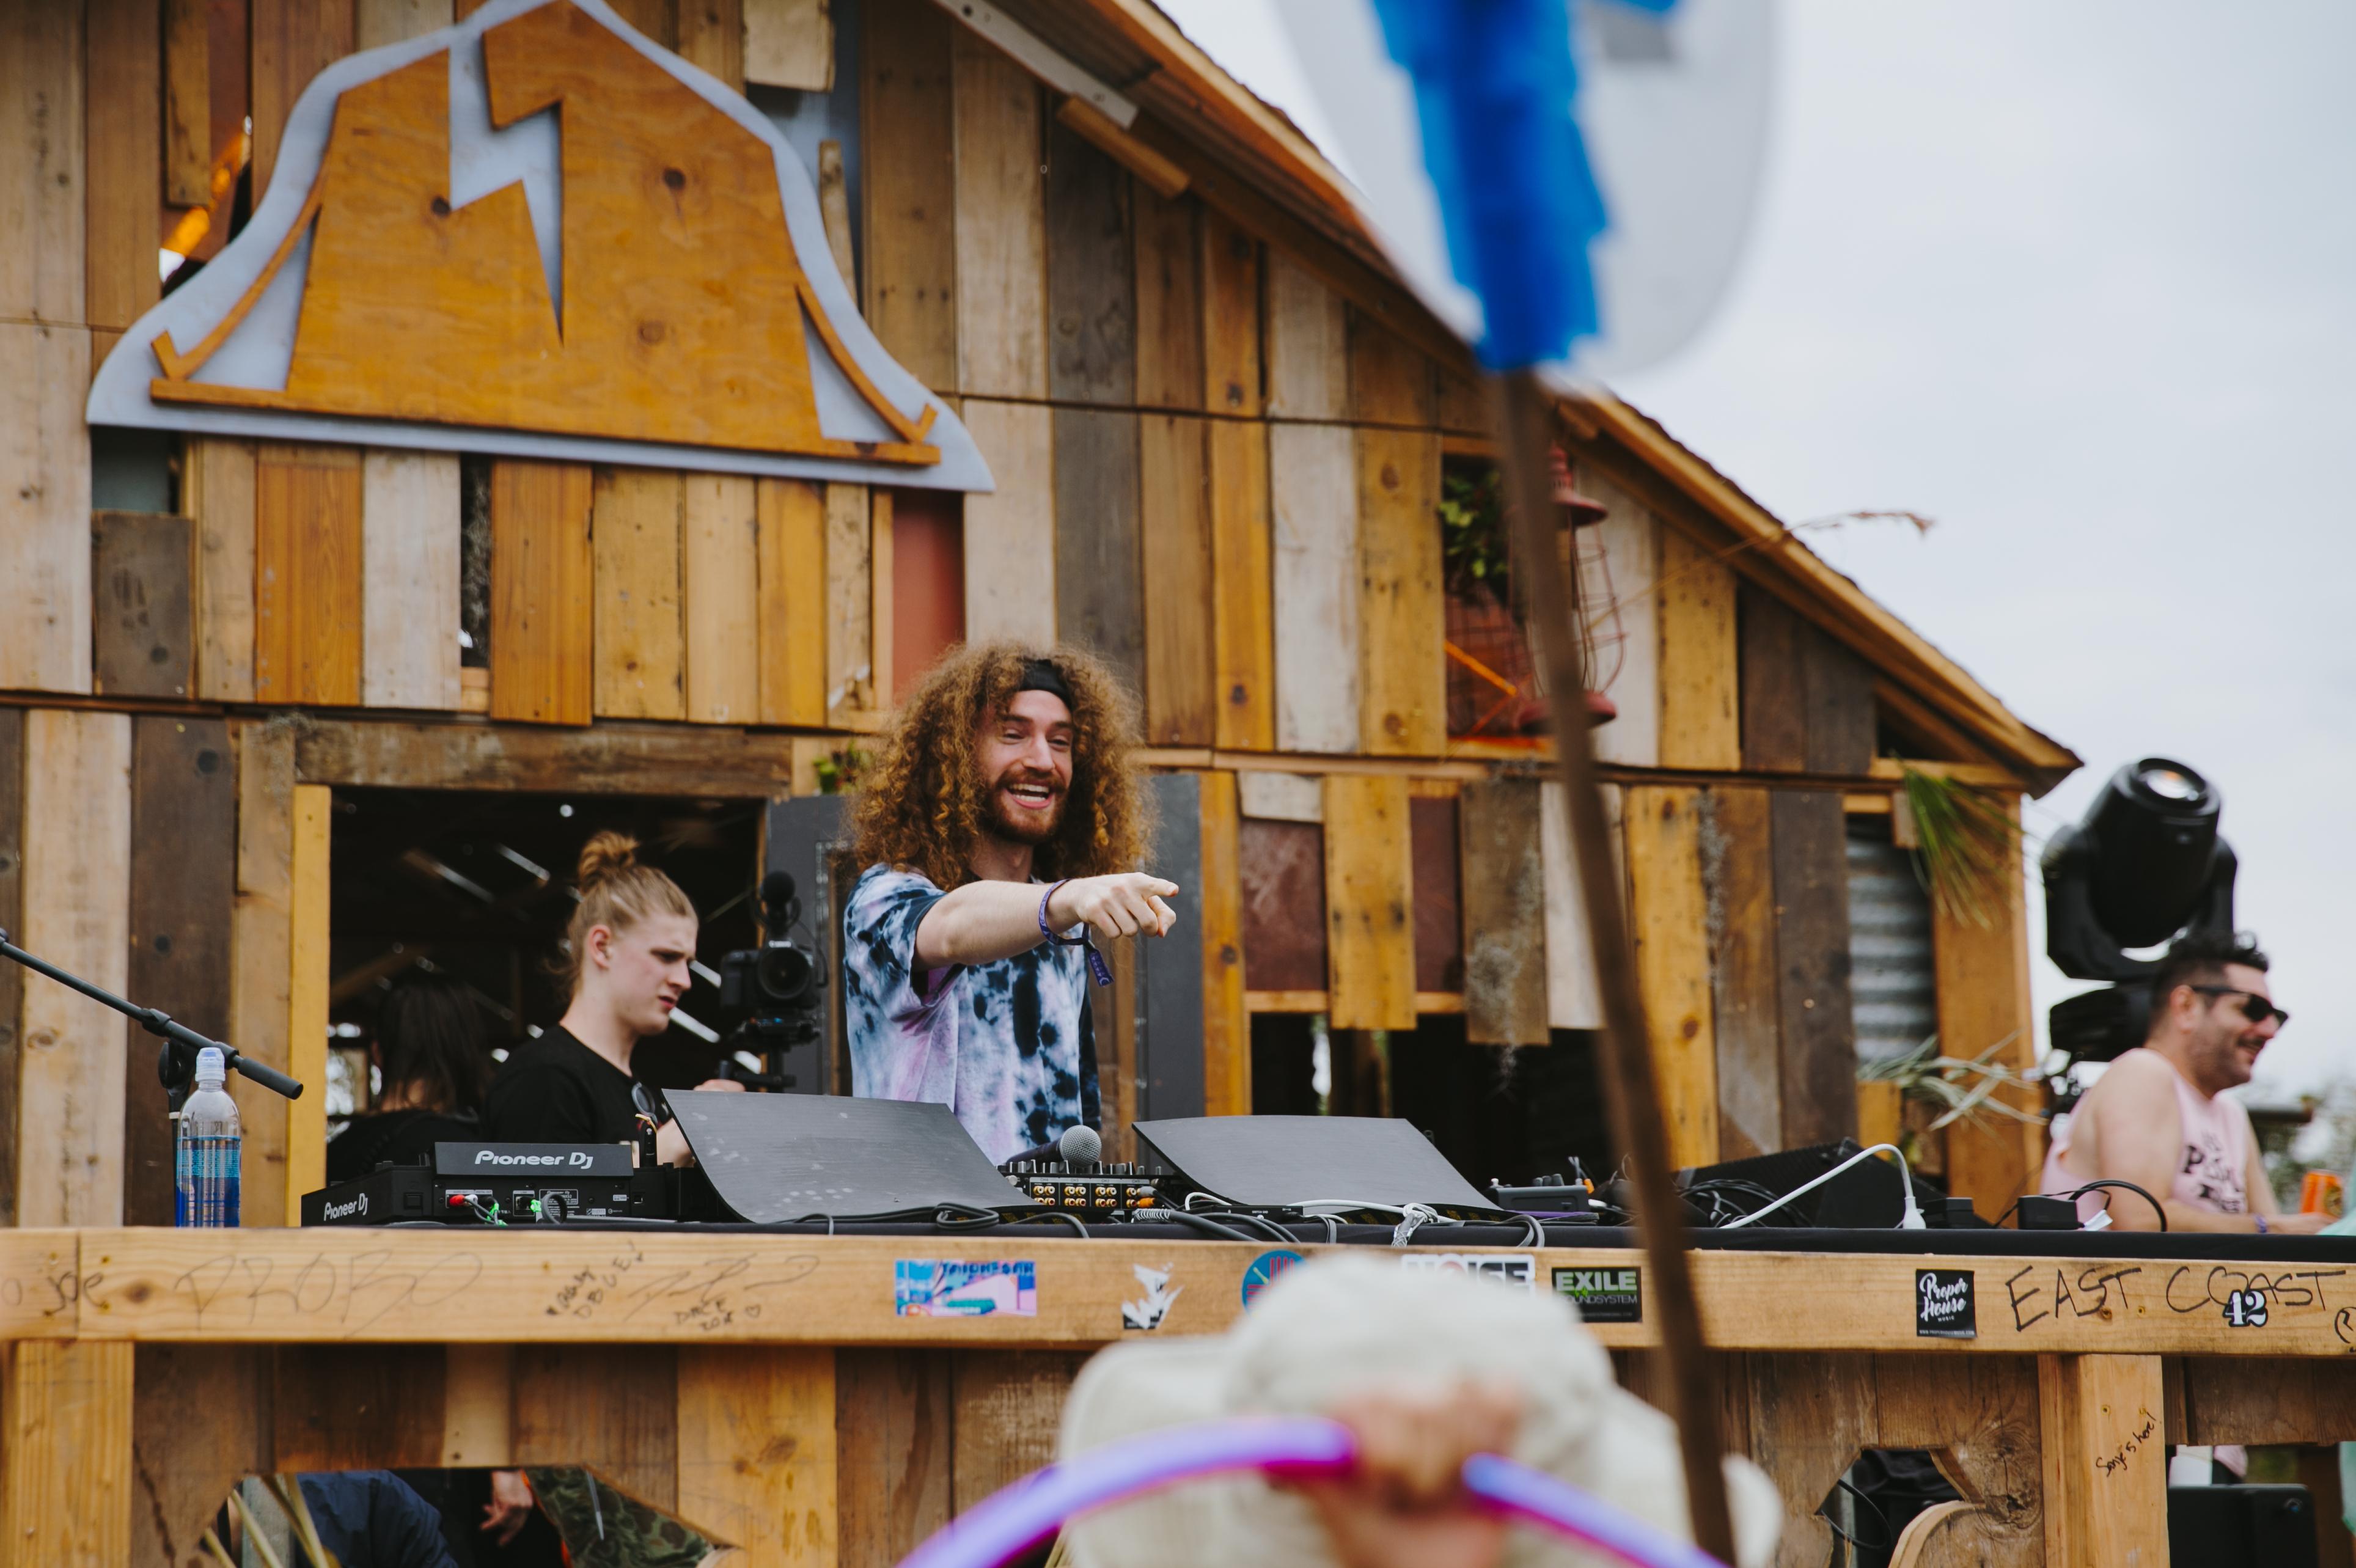 Dirtybird Campout East Coast Wins Debut Weekend Despite Near Shut-Down Review]